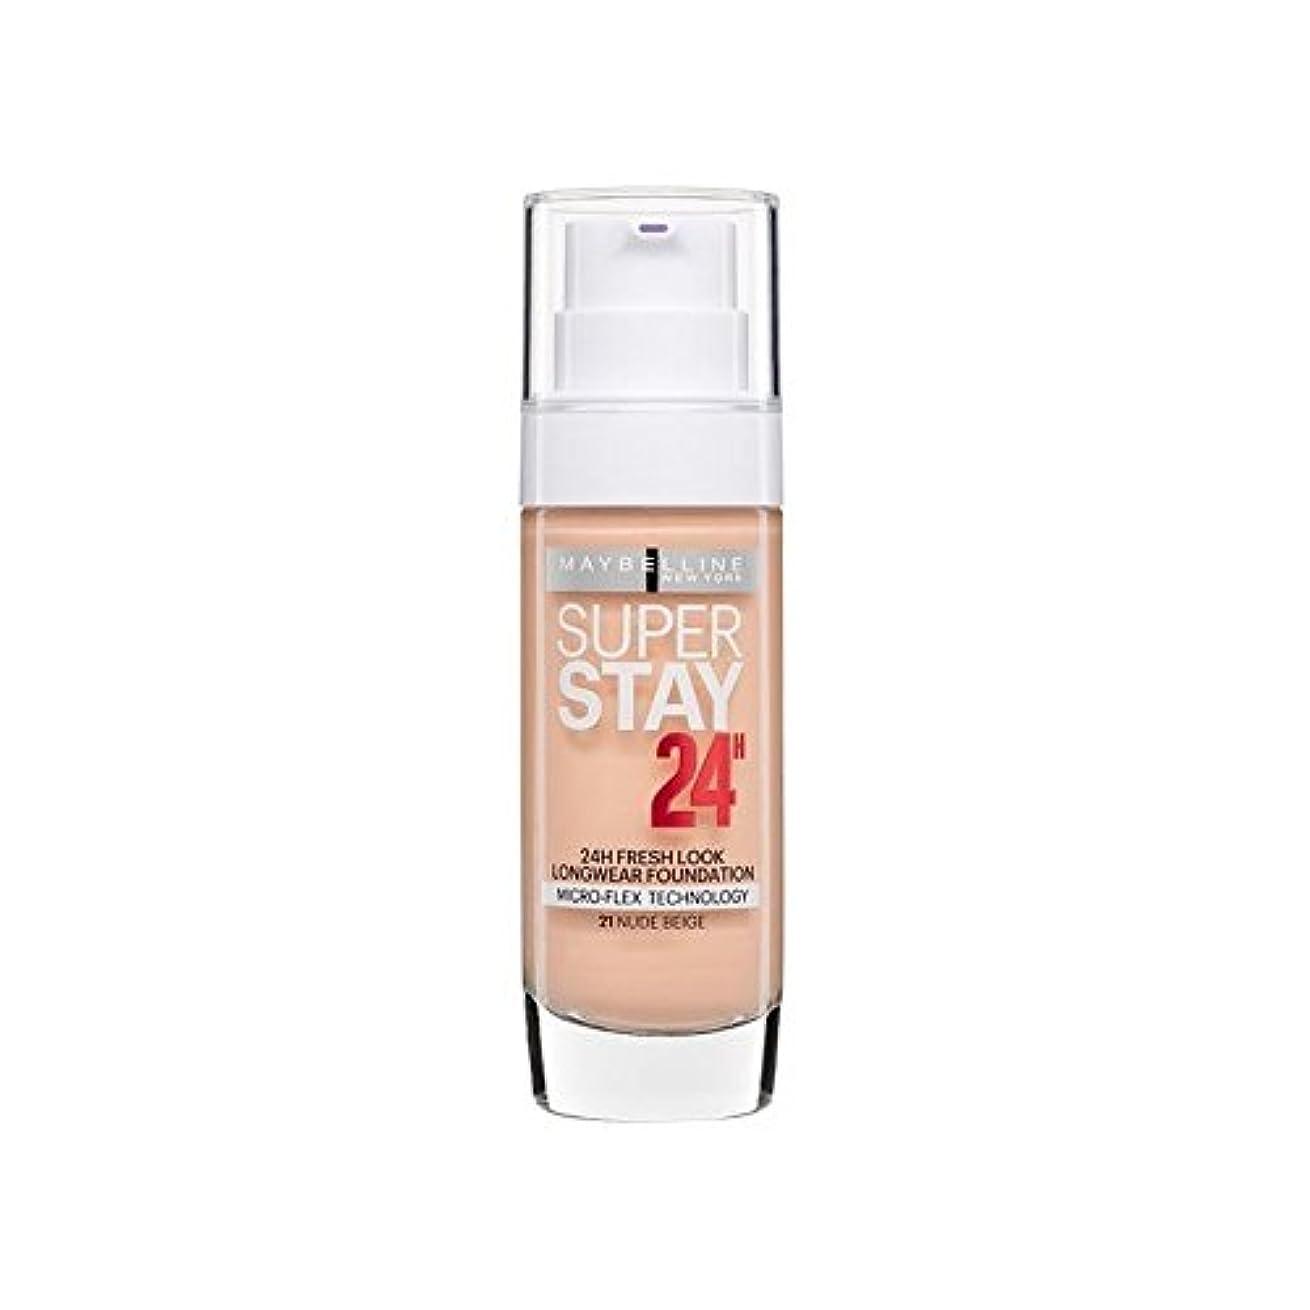 グローあいまい宇宙のMaybelline SuperStay 24h Liquid Foundation Nude Beige 30ml (Pack of 6) - メイベリンの24時間リキッドファンデーションヌードベージュ30ミリリットル x6 [並行輸入品]